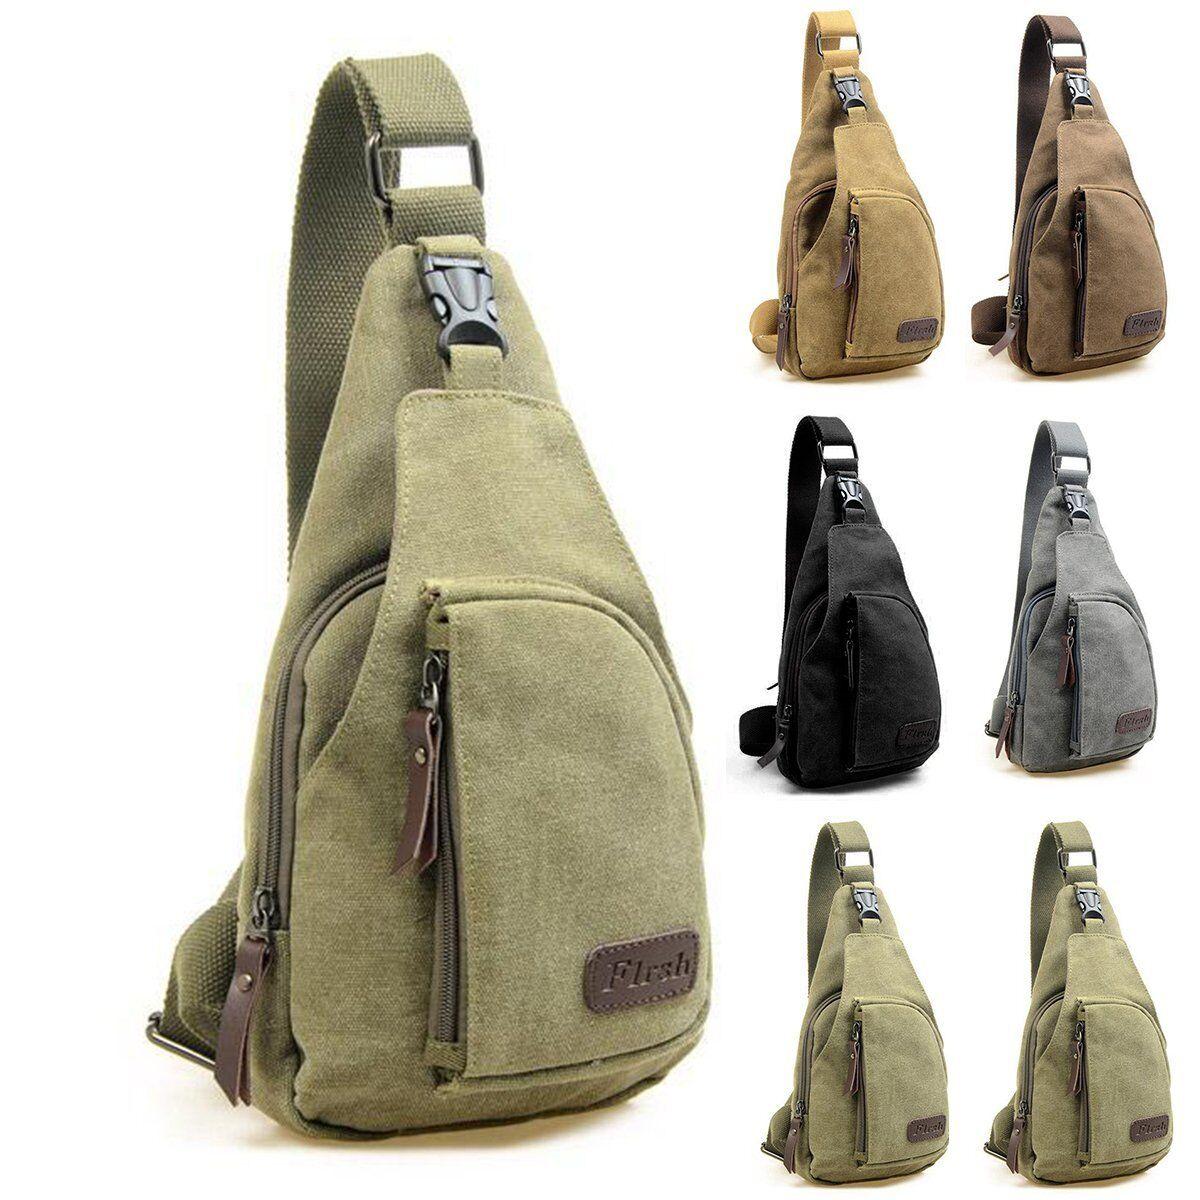 Men's Canvas Travel Bag Military Backpack Hiking Satchel Messenger Sho... - s l1600